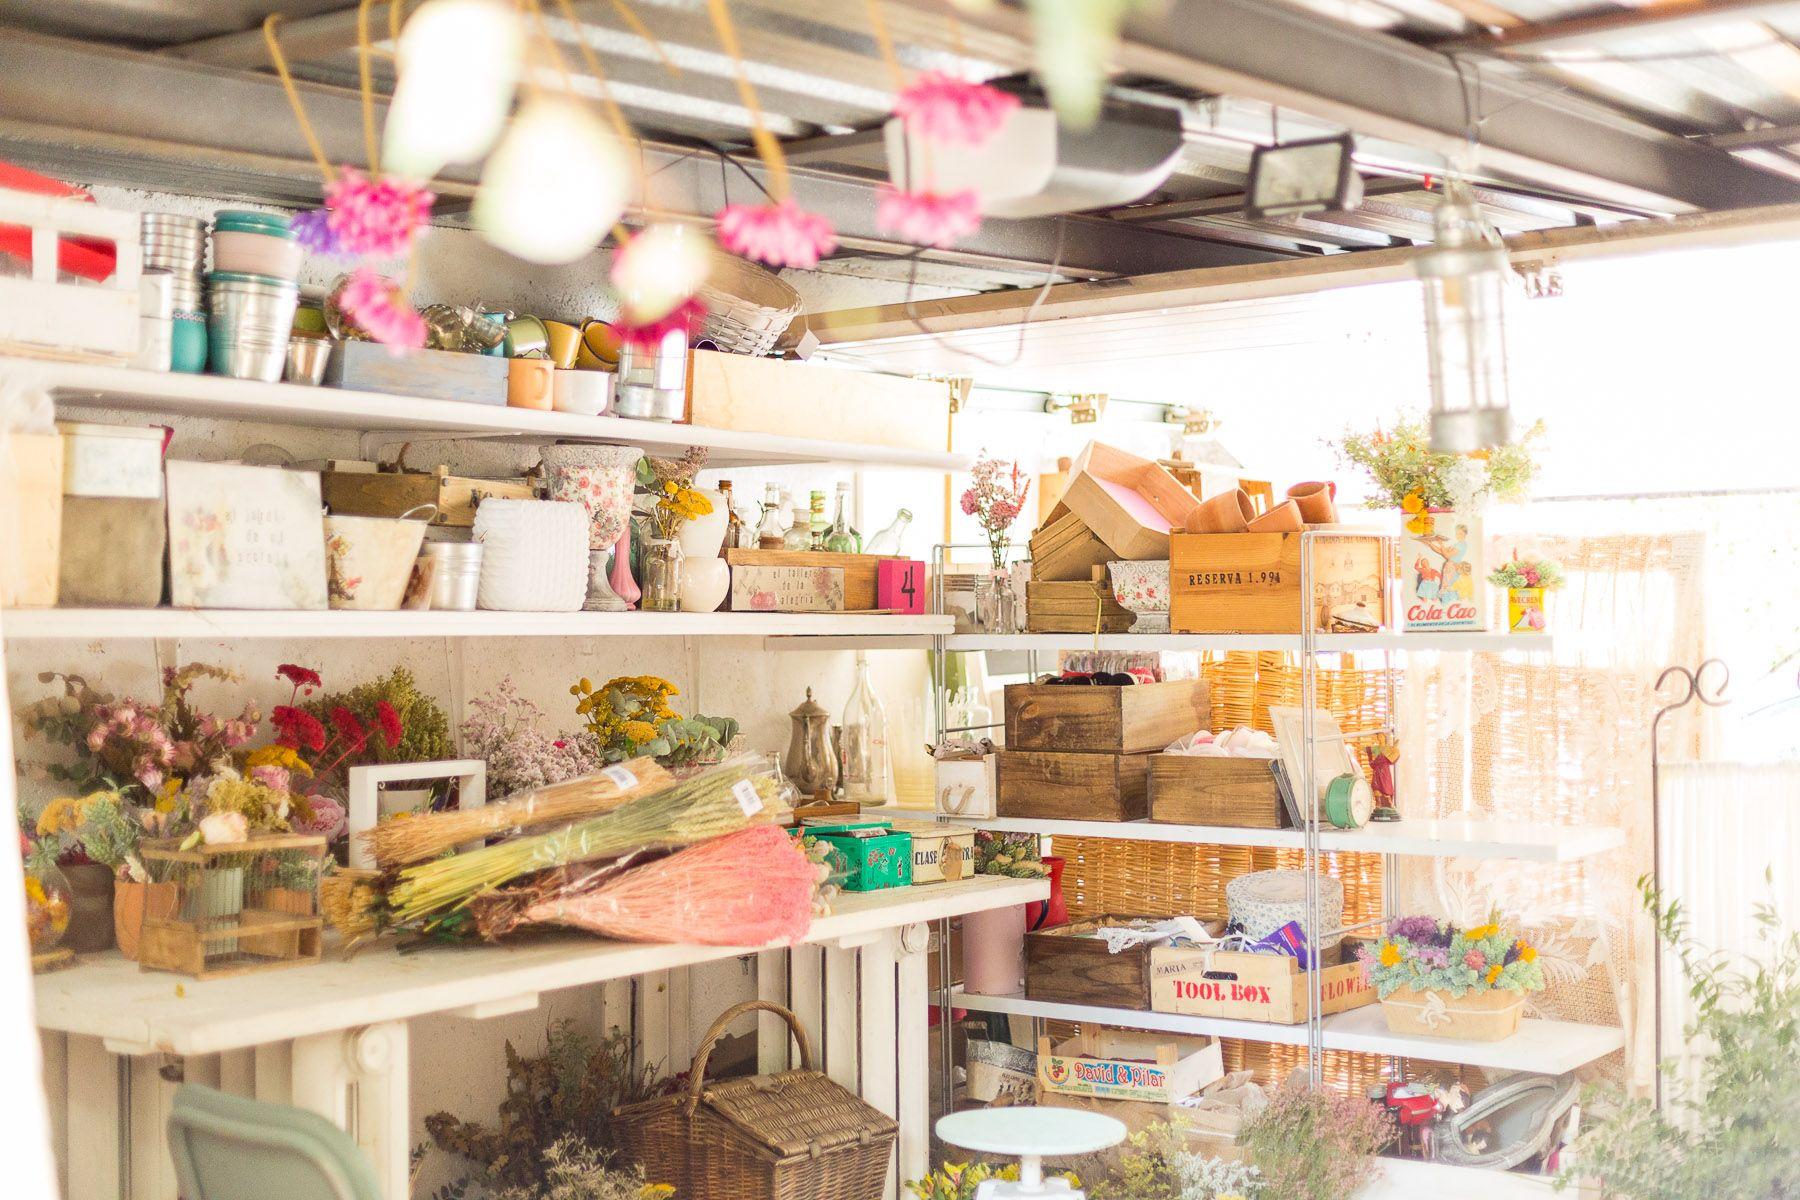 ¿Te casas? Visita nuestro taller de flores y decoración